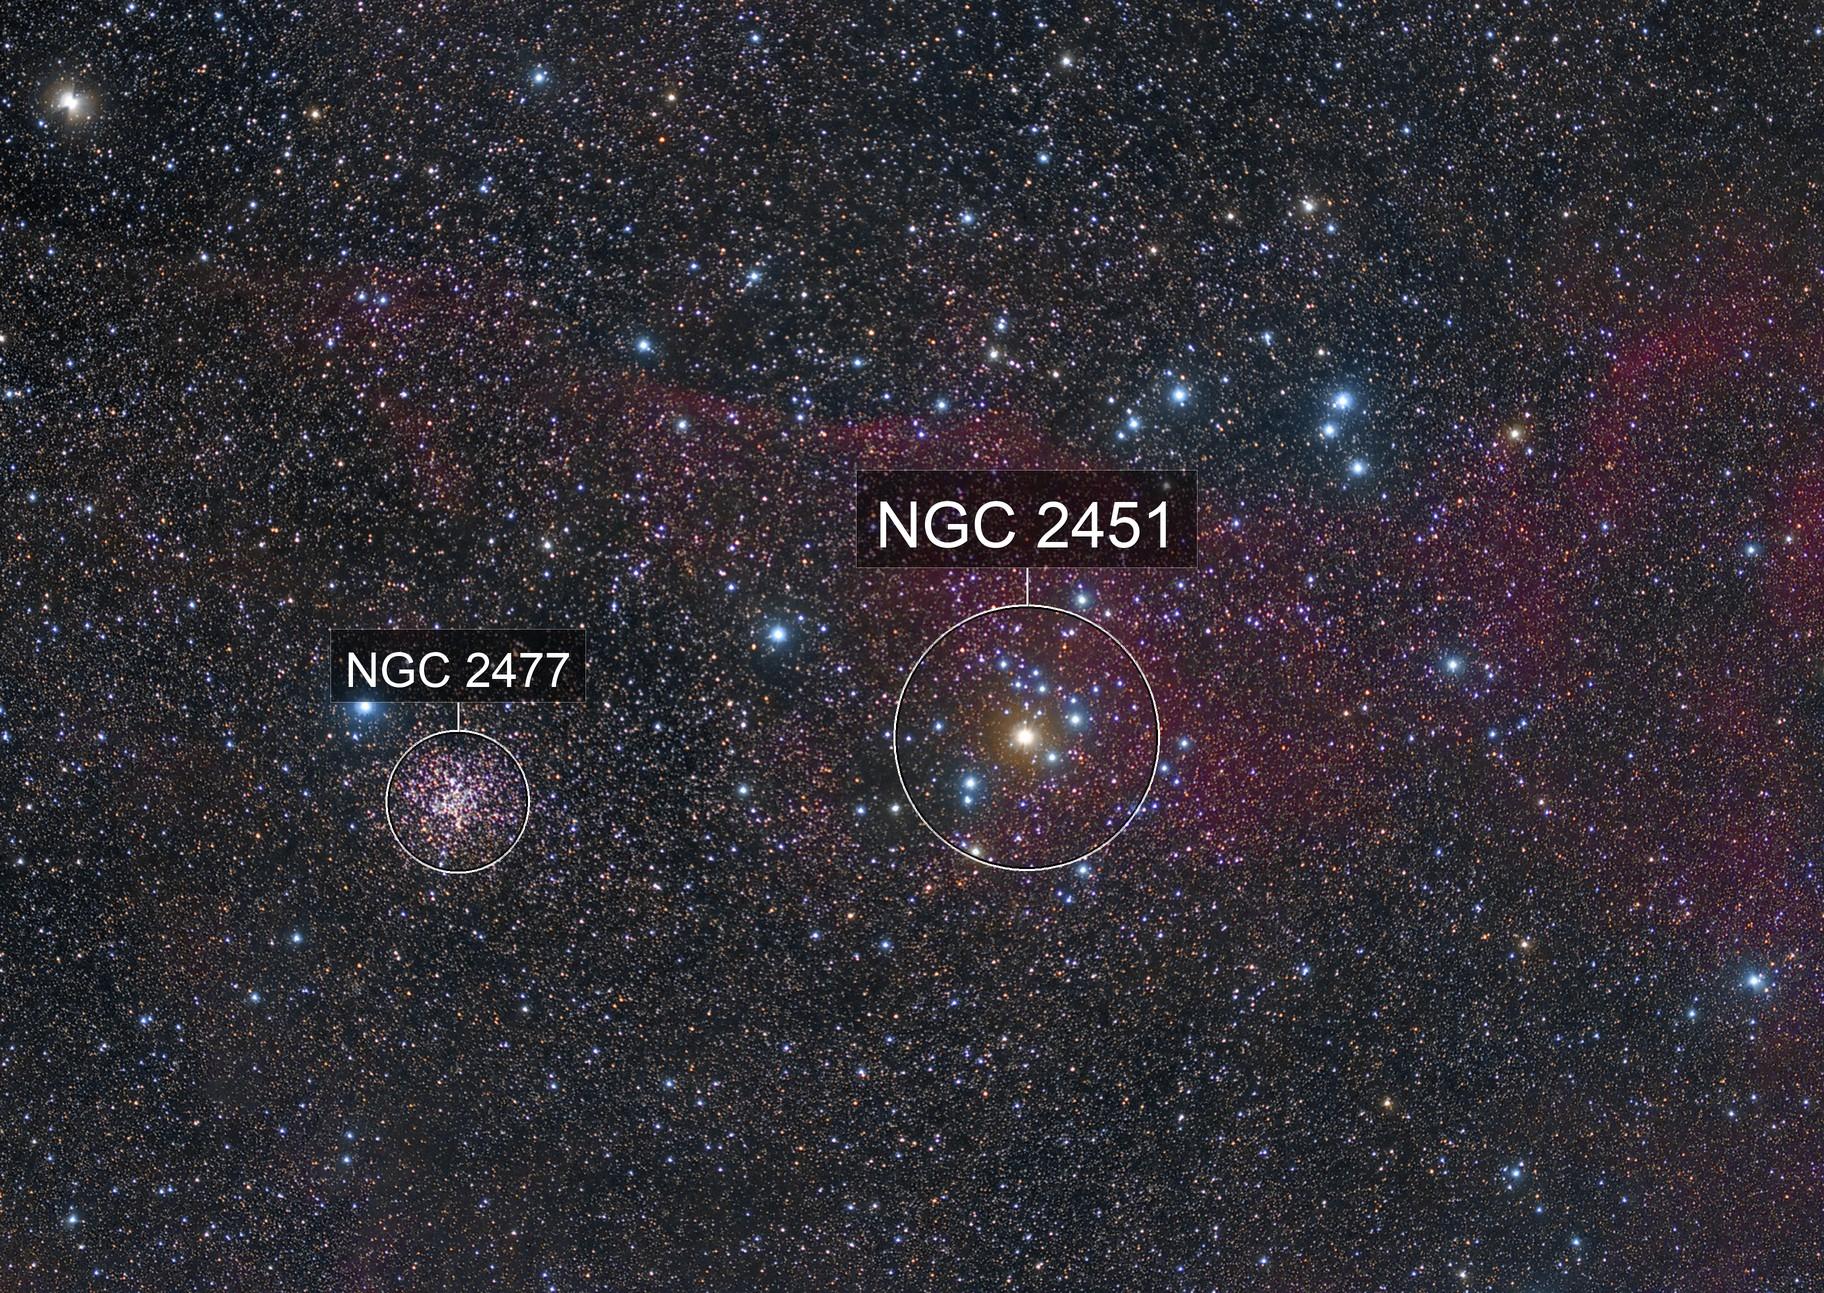 NGC 2451 & NGC 2477